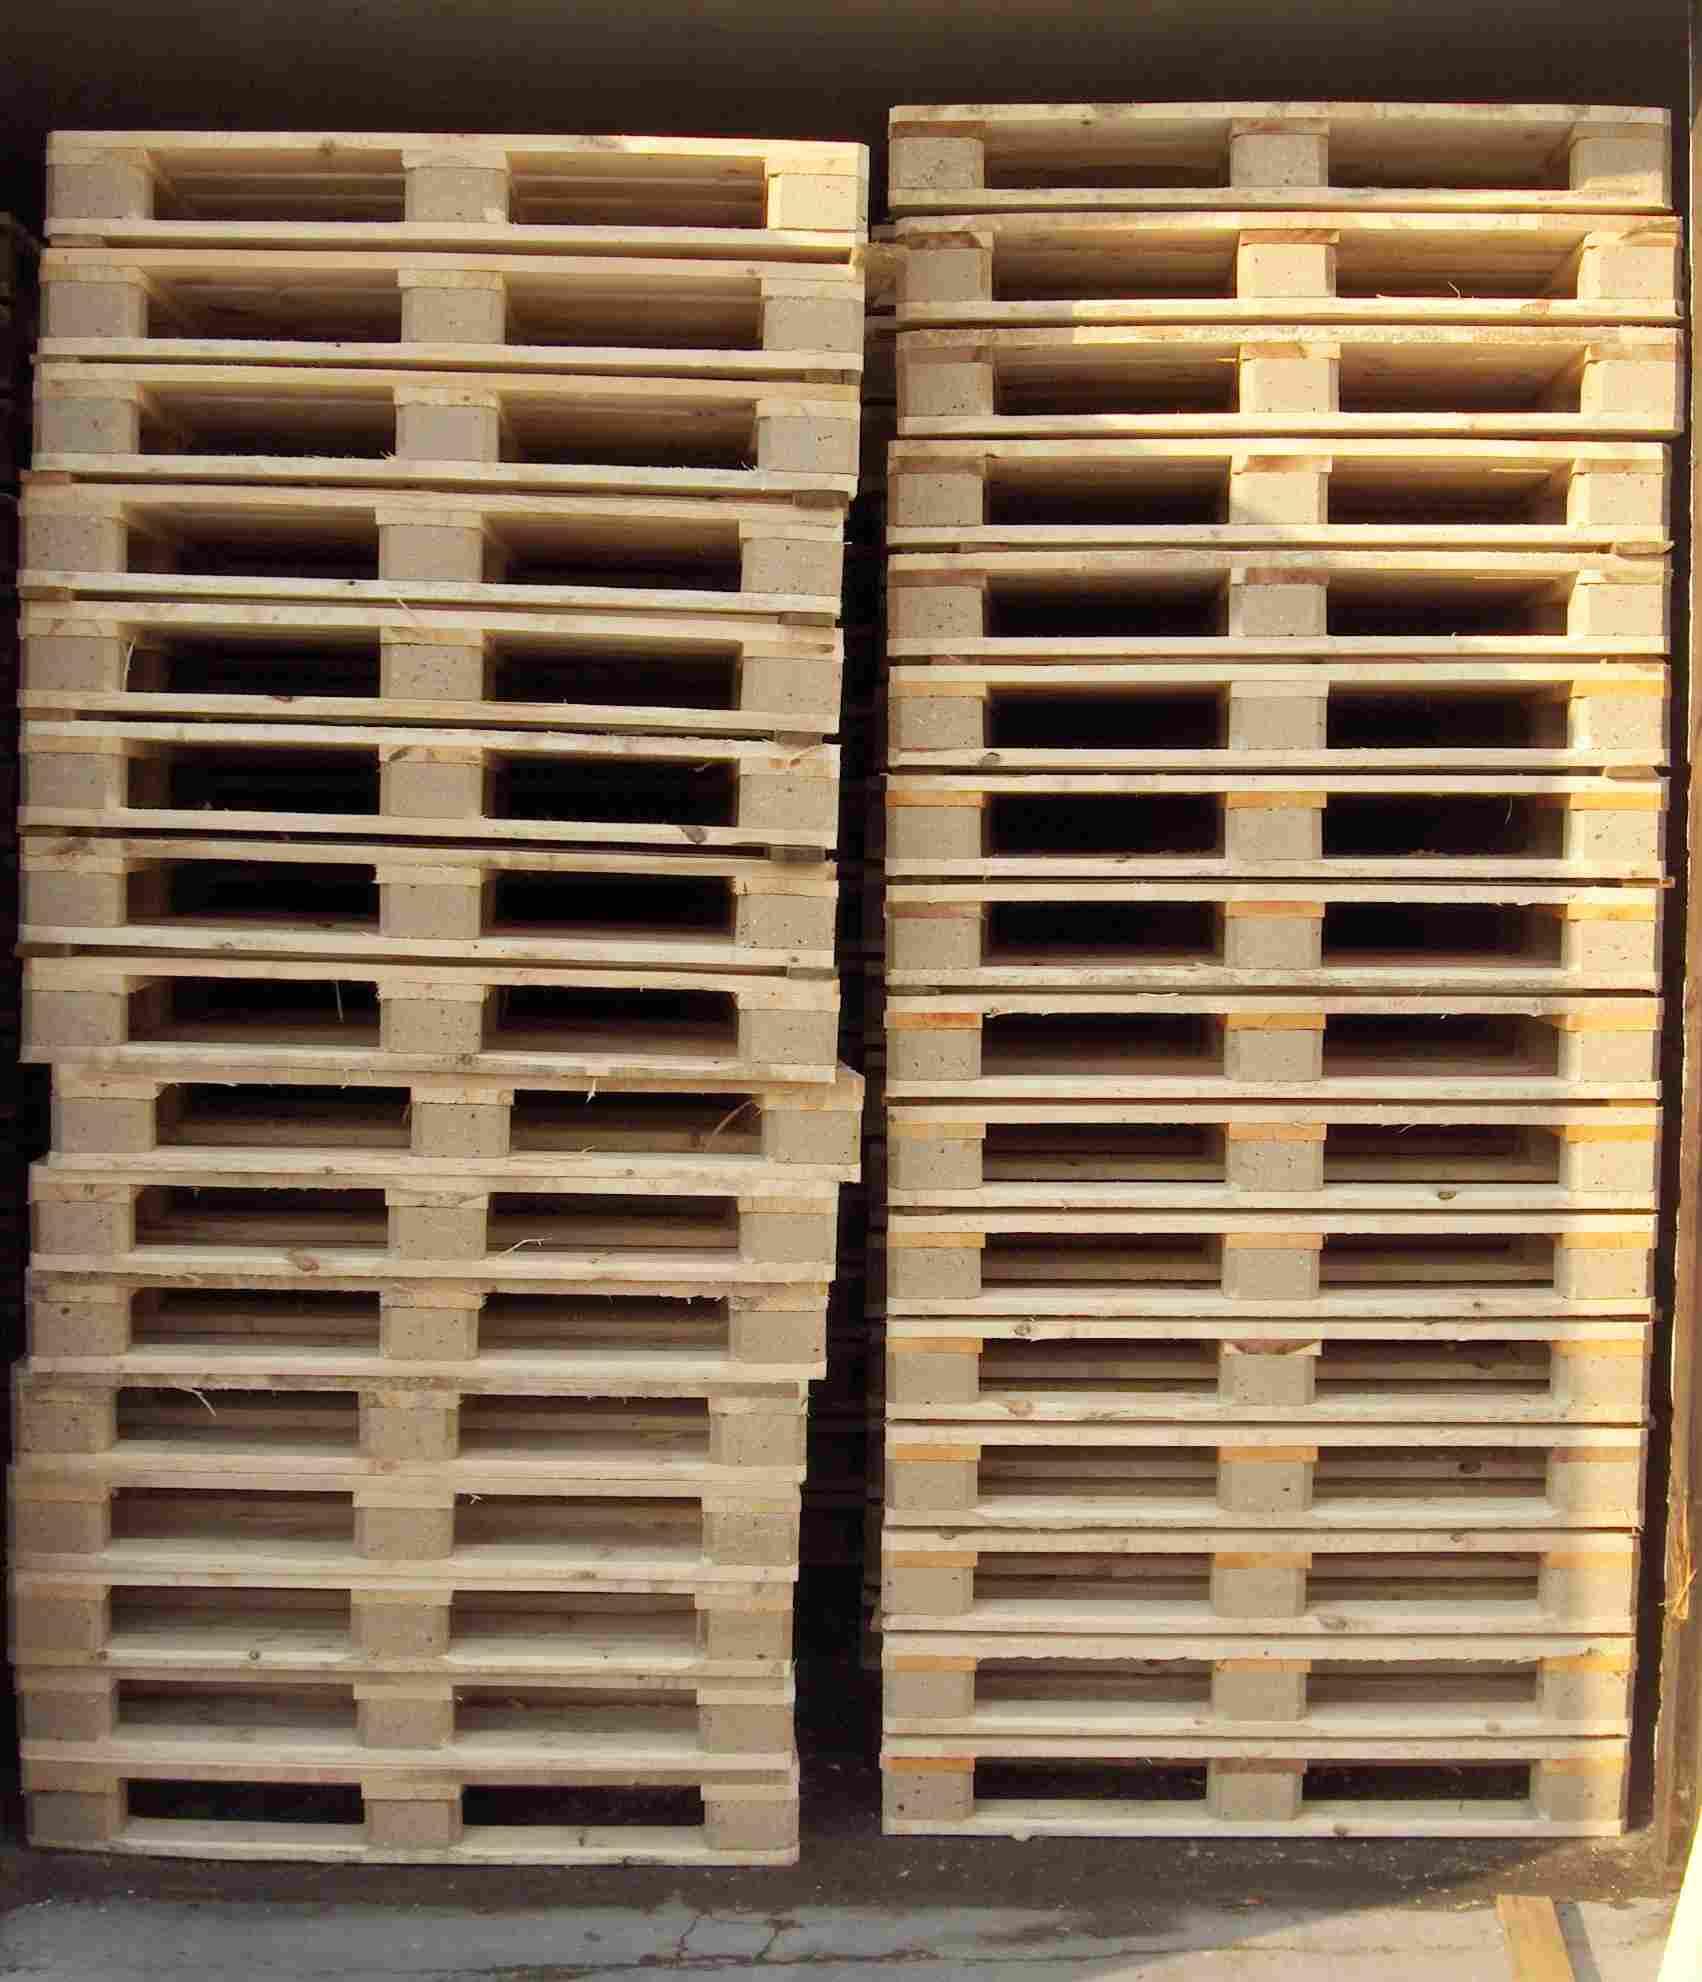 Obróbka termiczna drewna wg ISMP 15